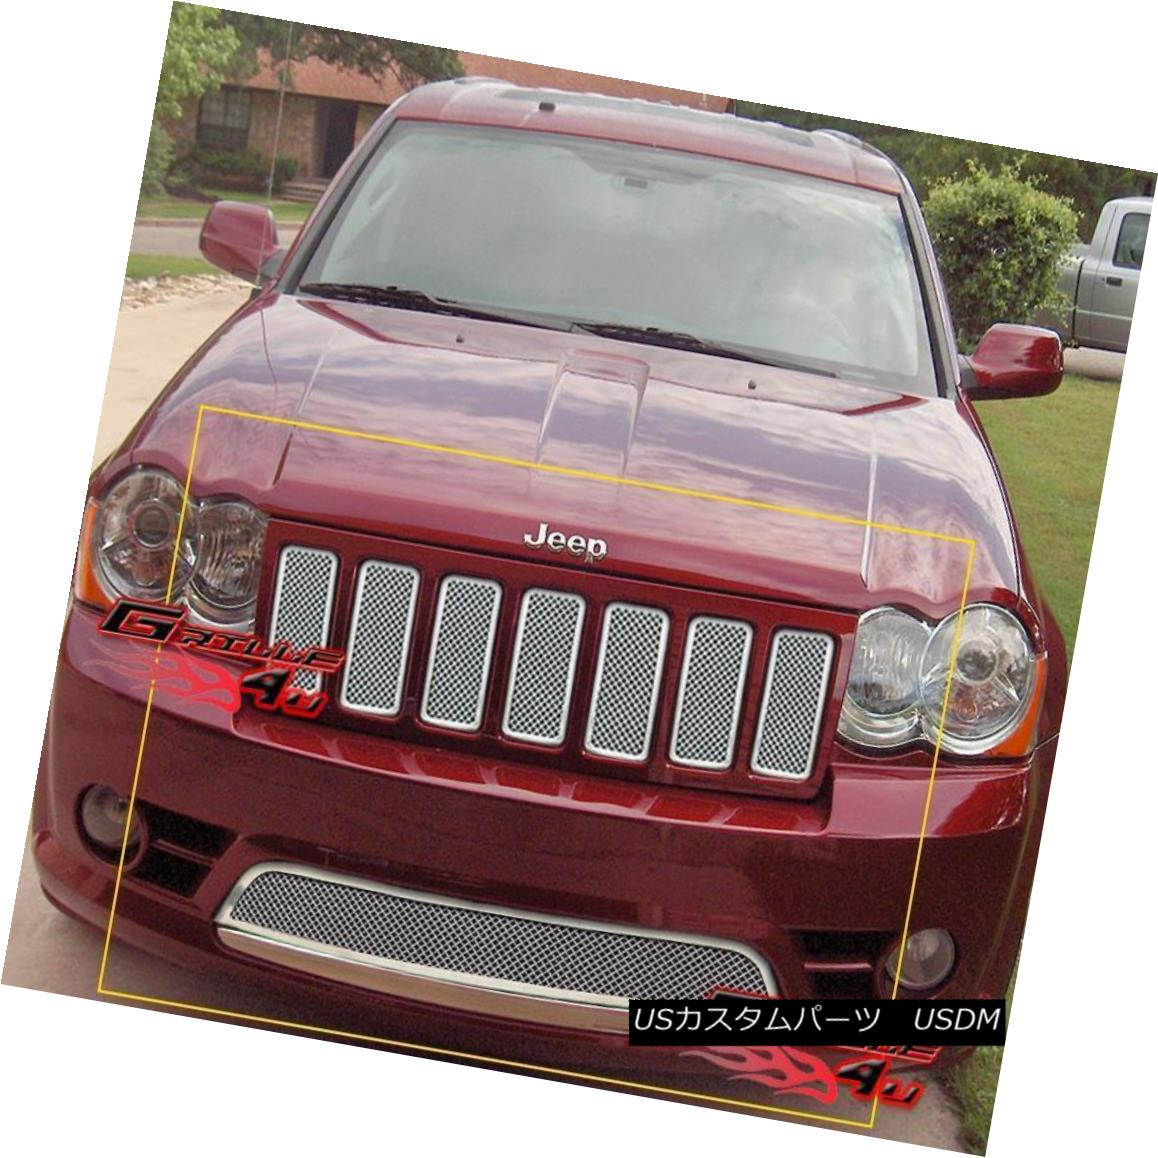 グリル Fits 2009-2010 Jeep Grand Cherokee SRT8 Mesh Grille Combo フィット2009-2010ジープグランドチェロキーSRT8メッシュグリルコンボ